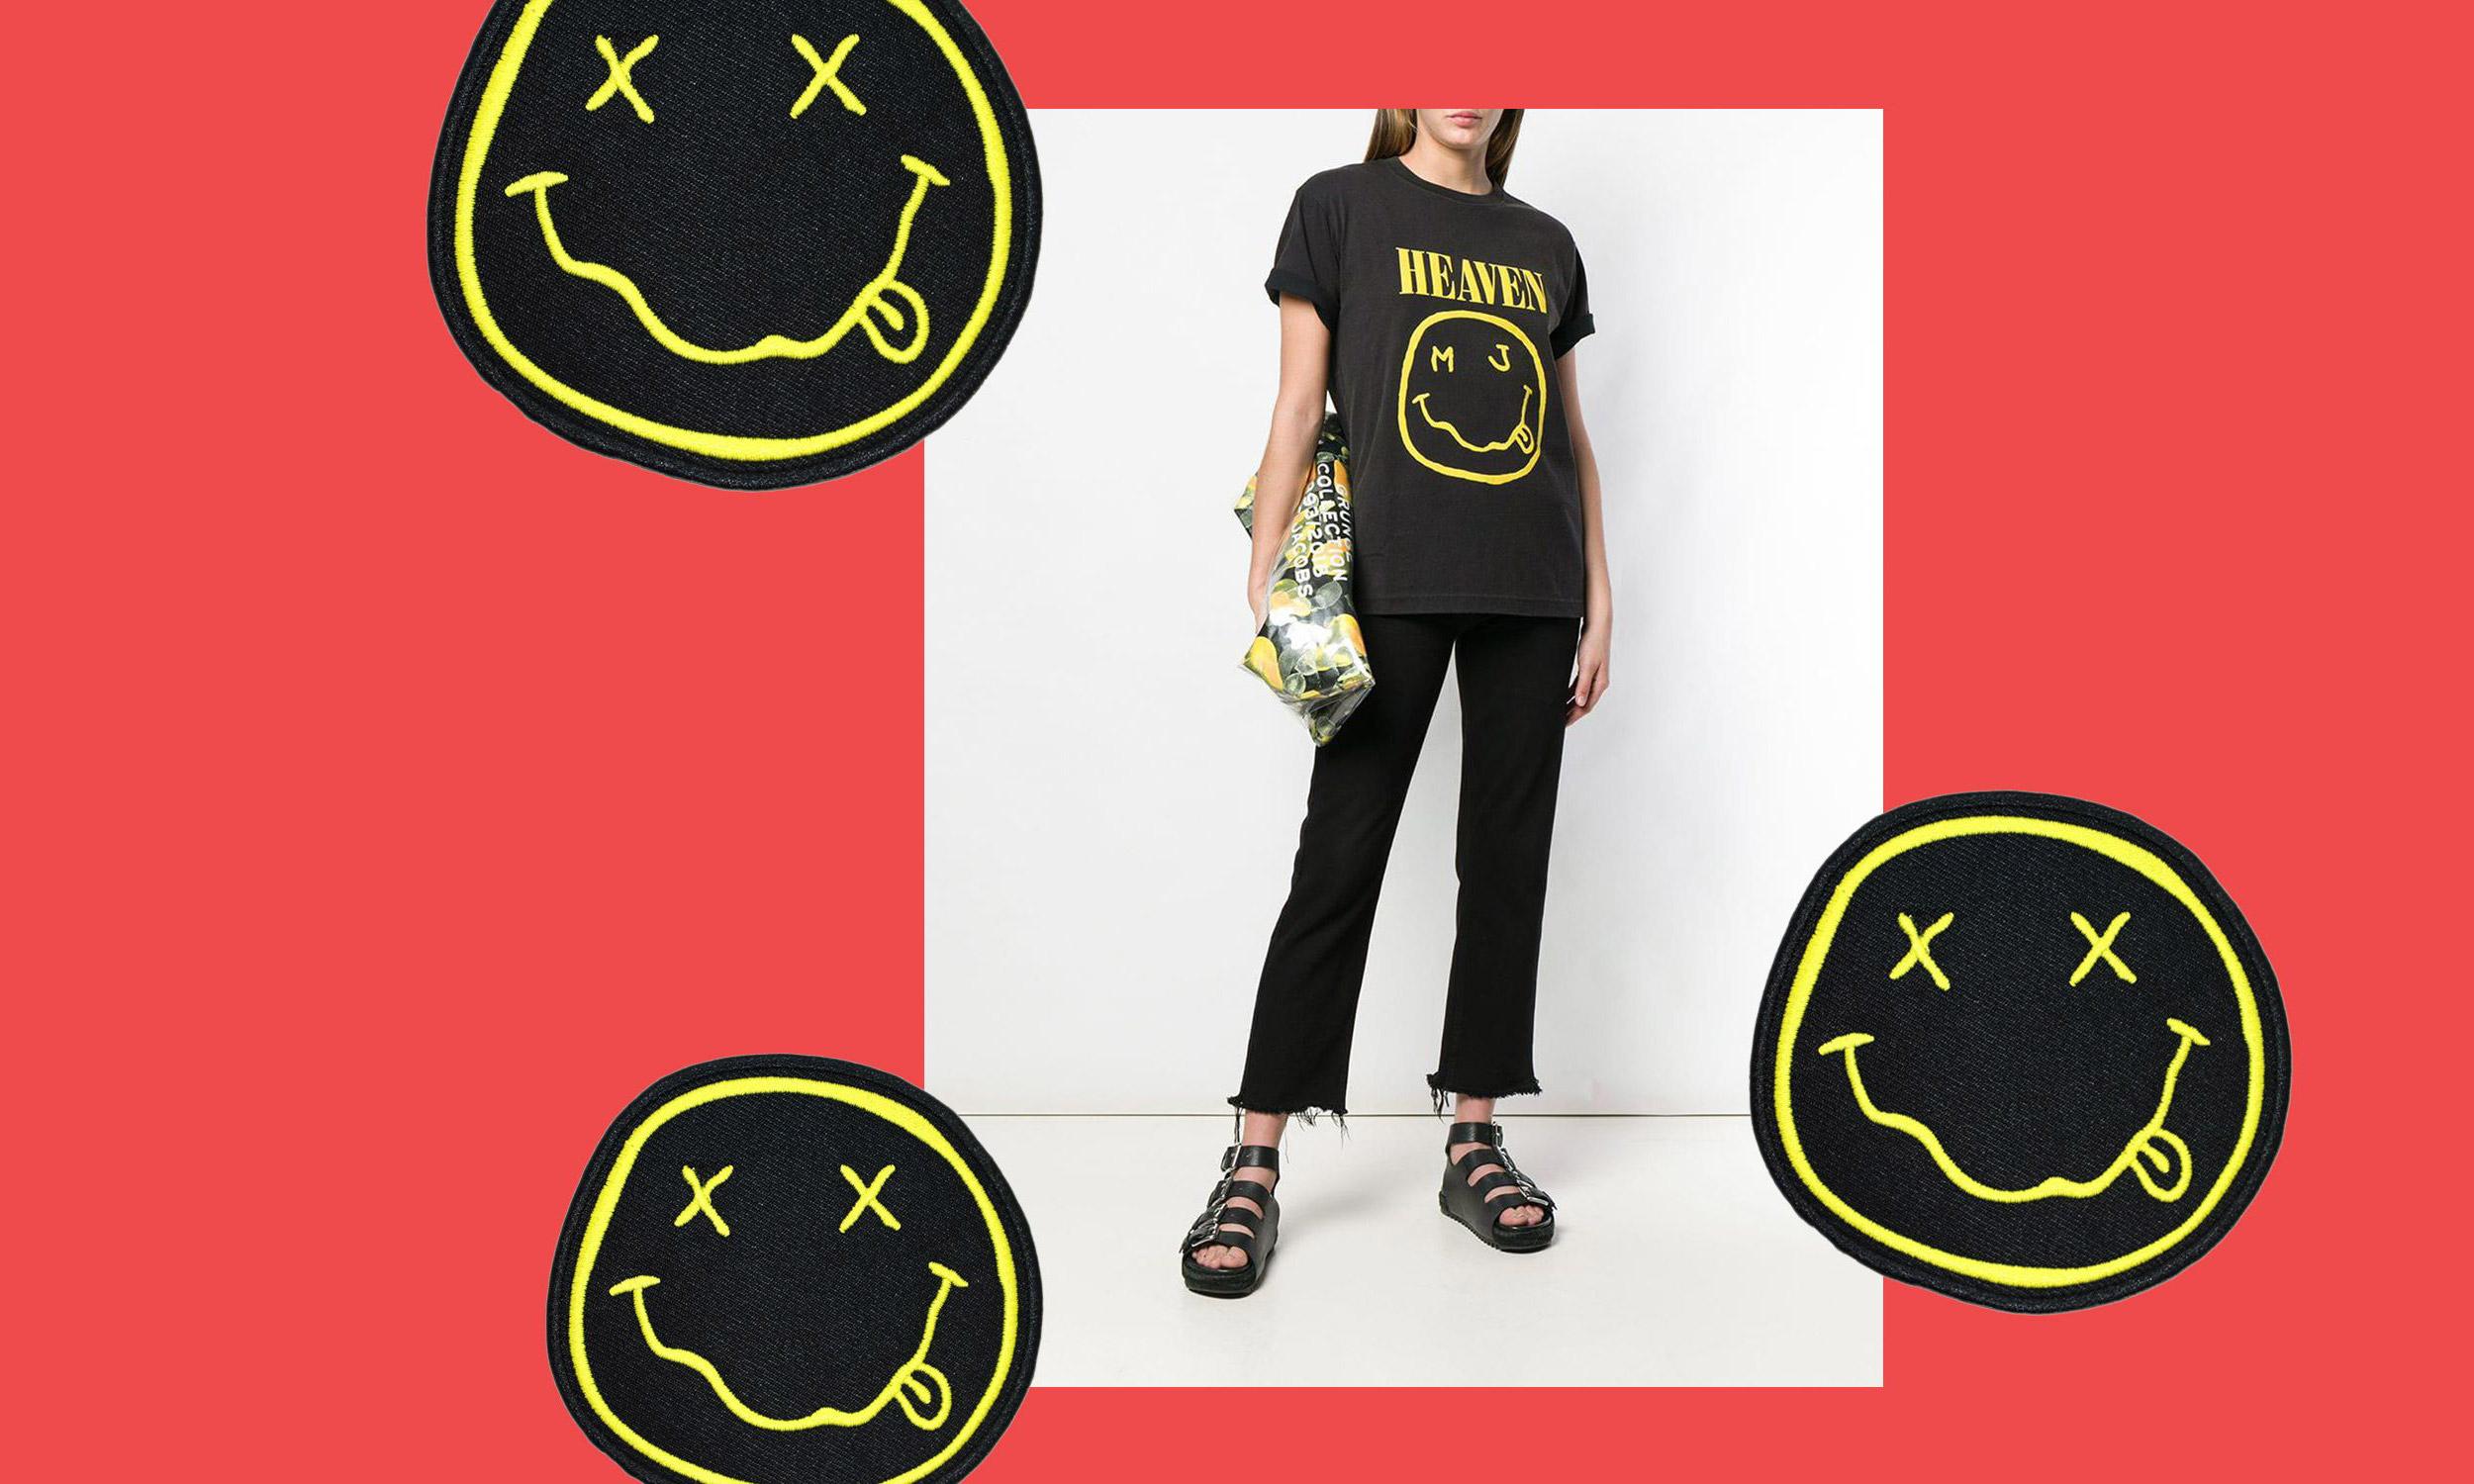 经典 logo 照搬?Nirvana 起诉 Marc Jacobs 要求停止侵权行为